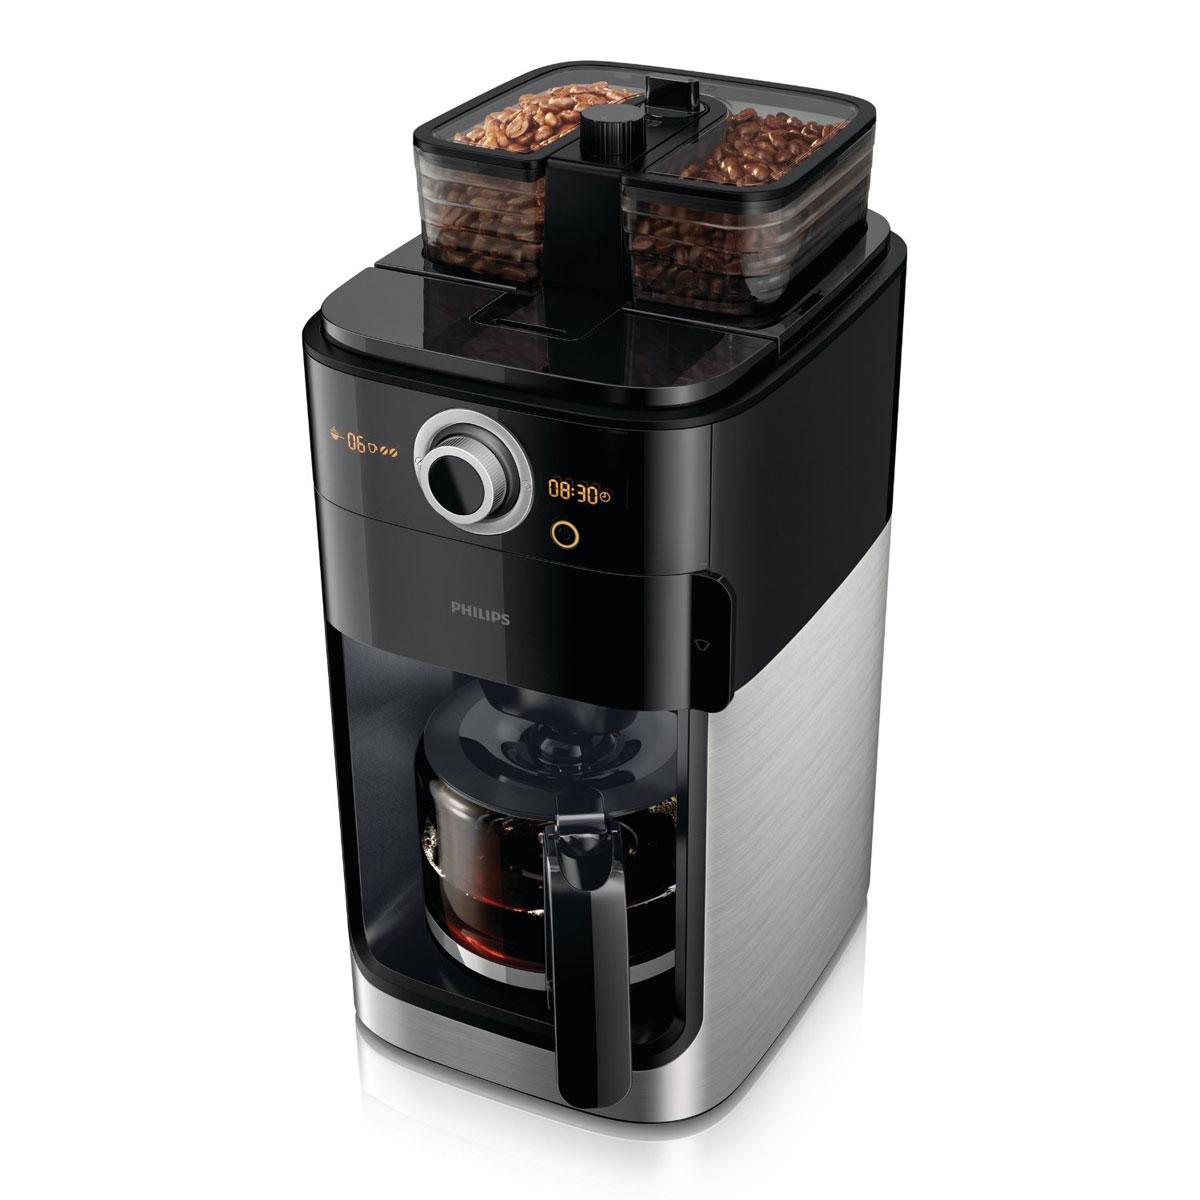 philips hd7762 00 cafeti re lectrique grind brew. Black Bedroom Furniture Sets. Home Design Ideas